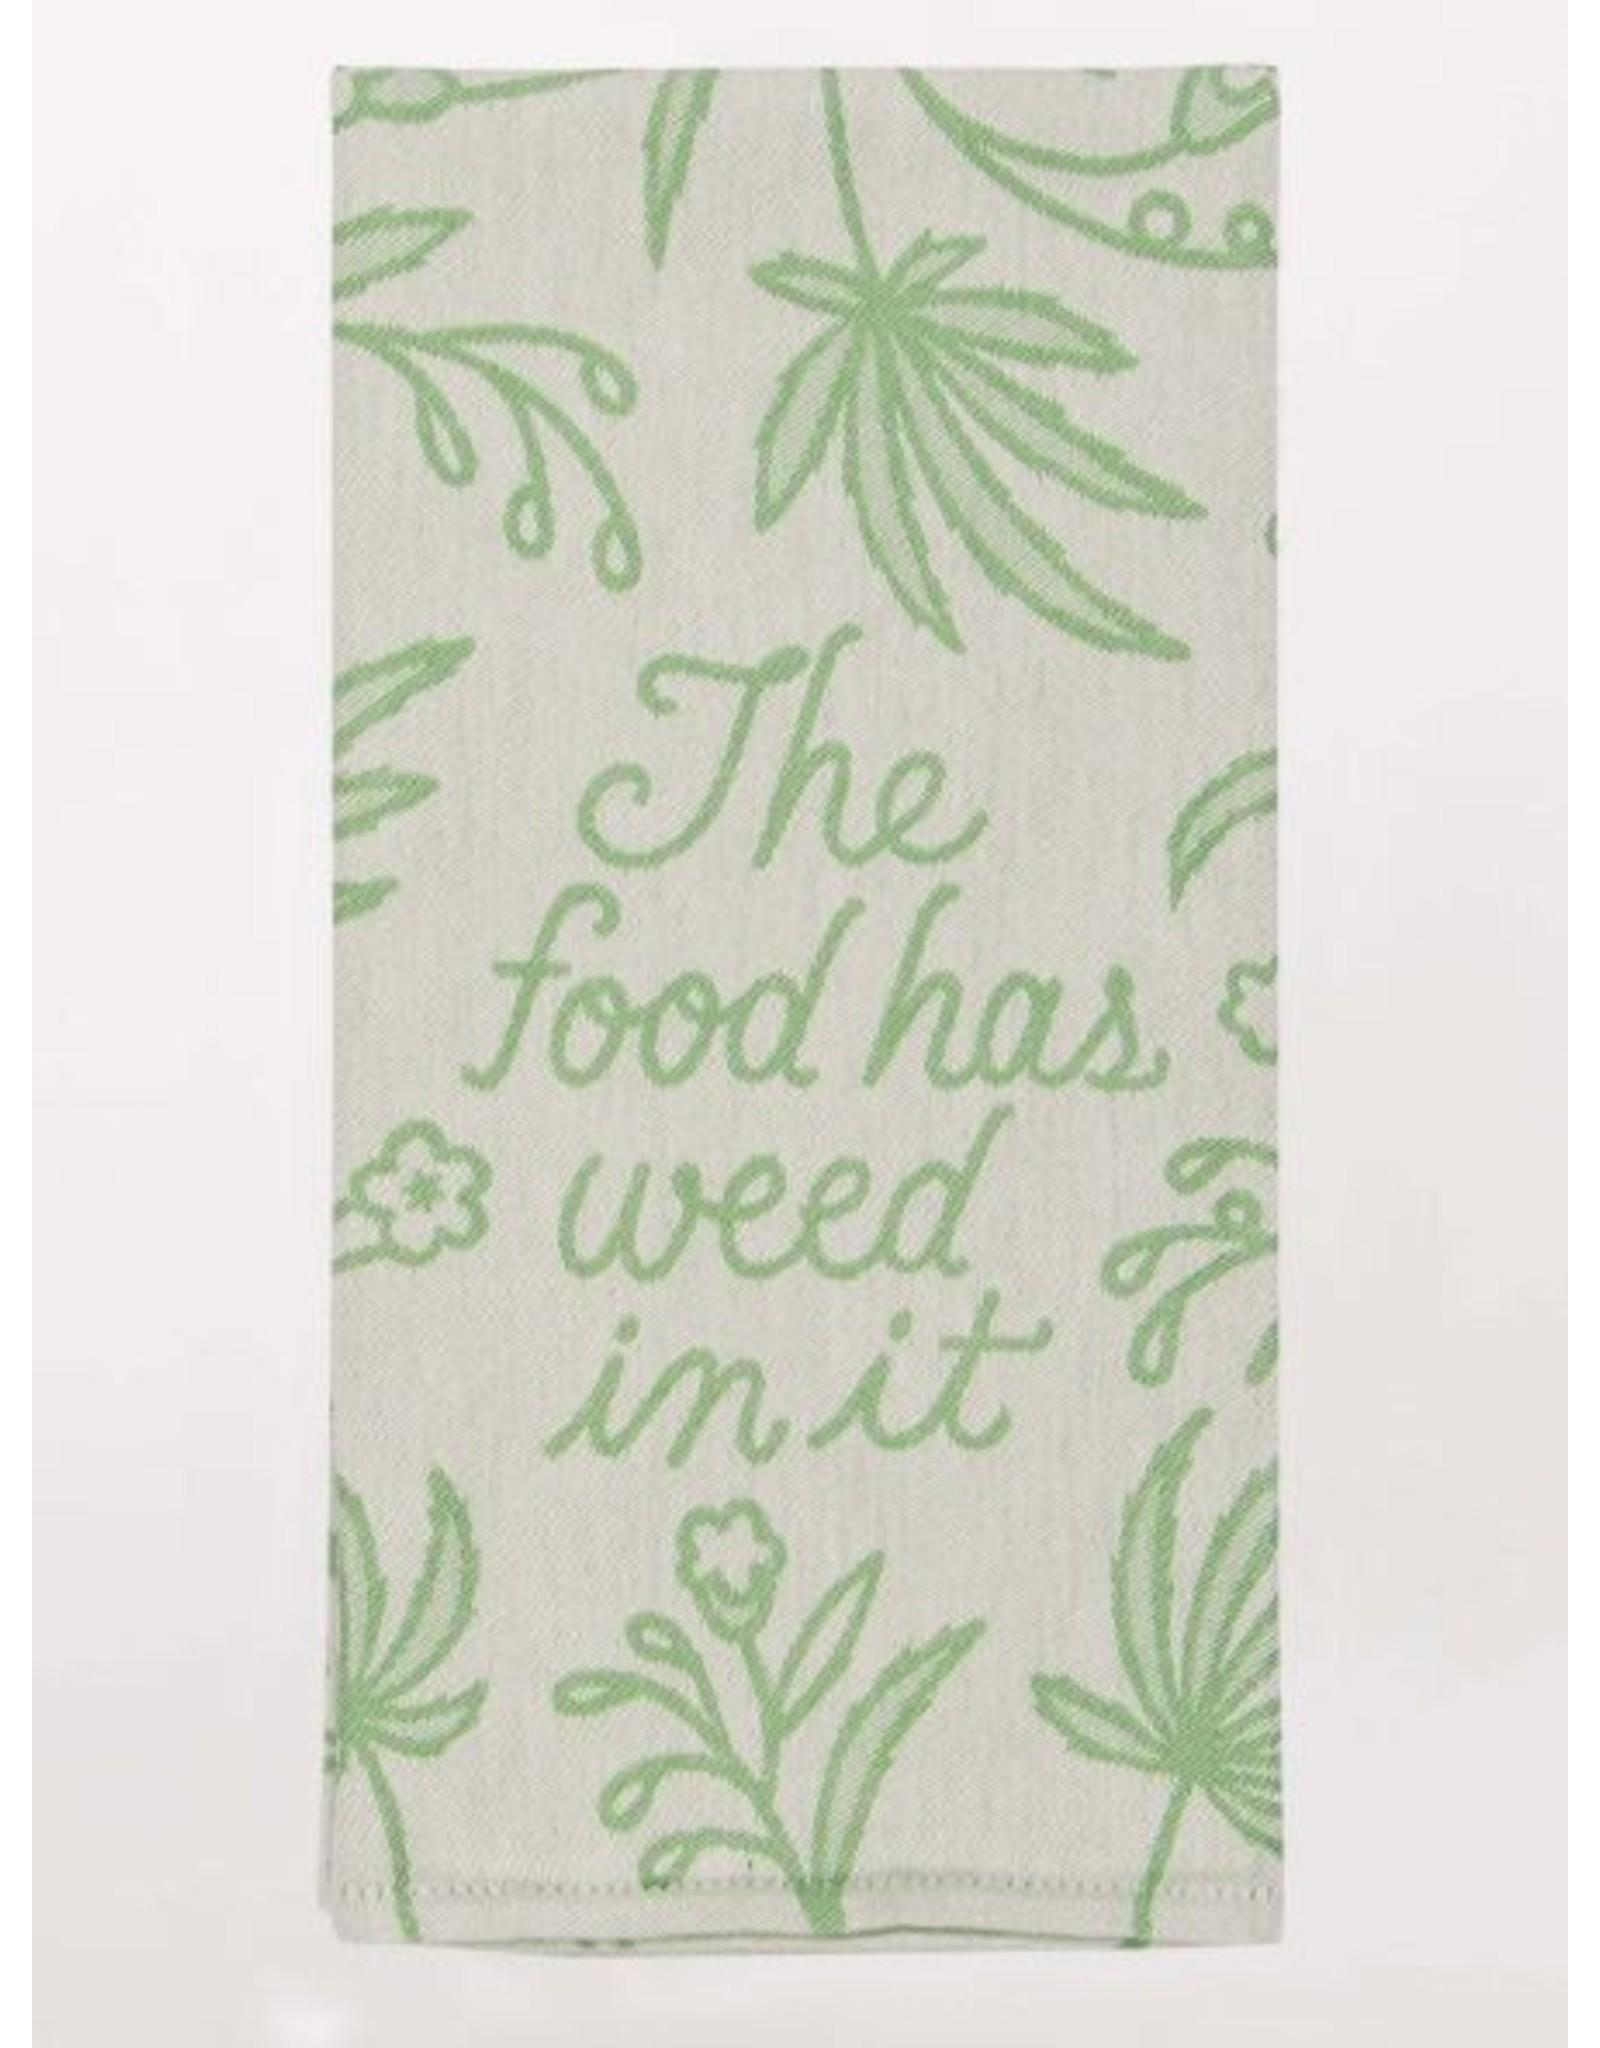 BQ Dish Towel - Food has Weed